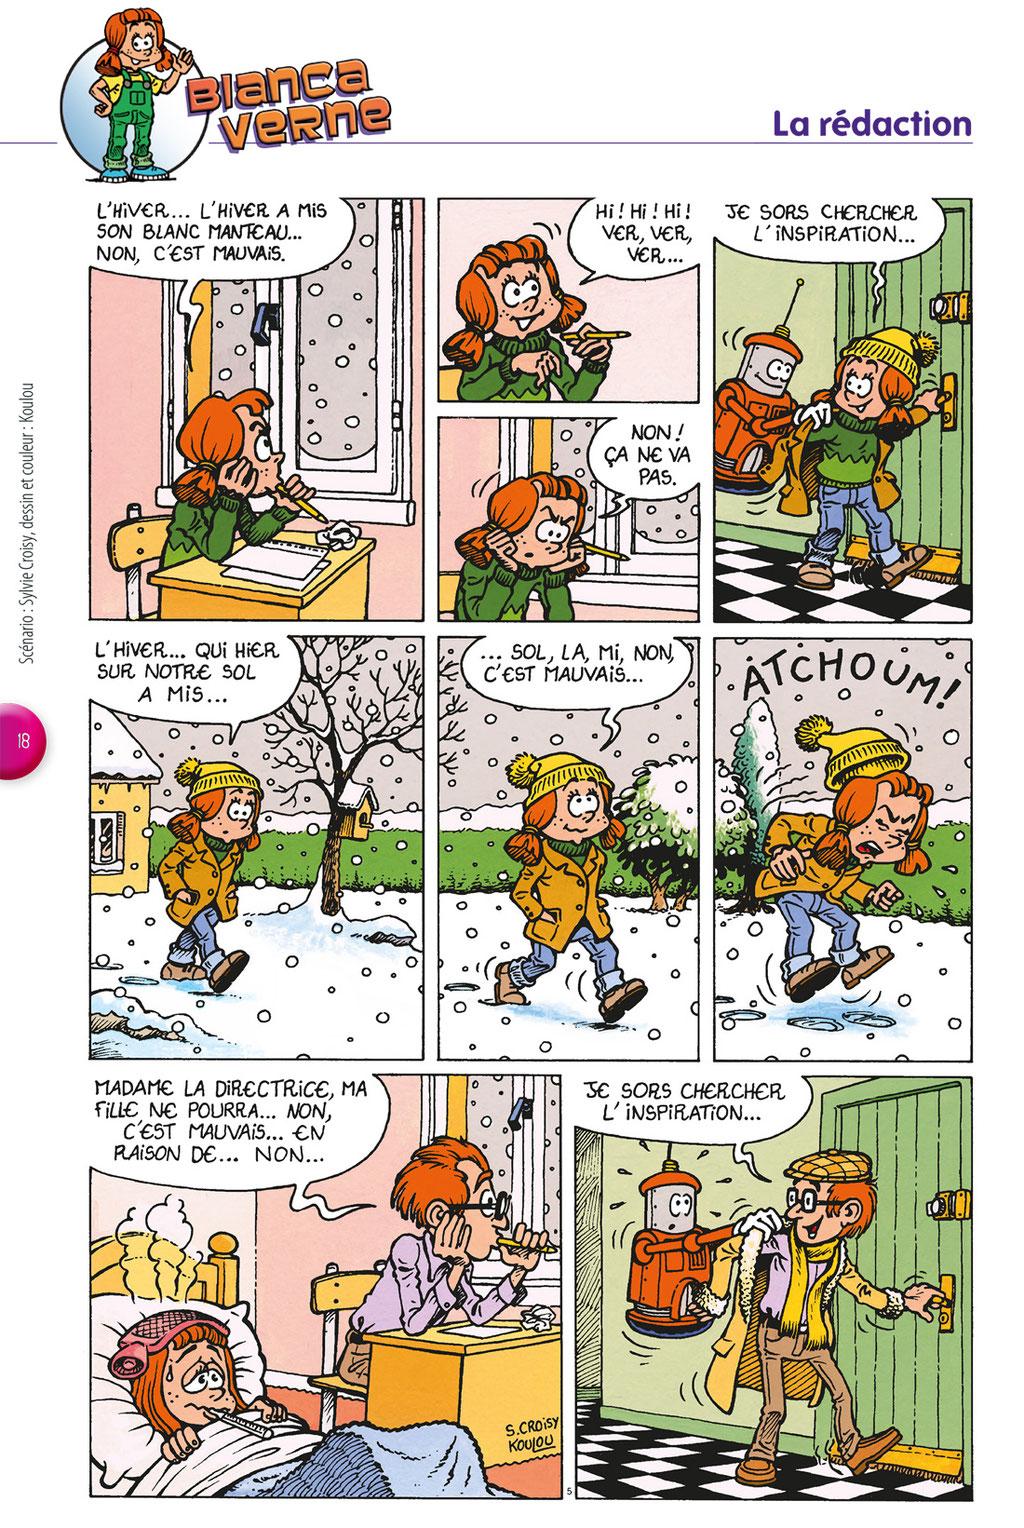 Bianca-La rédaction-Tournesol 410 - Scénario : Sylvie Croisy, dessin : Koulou